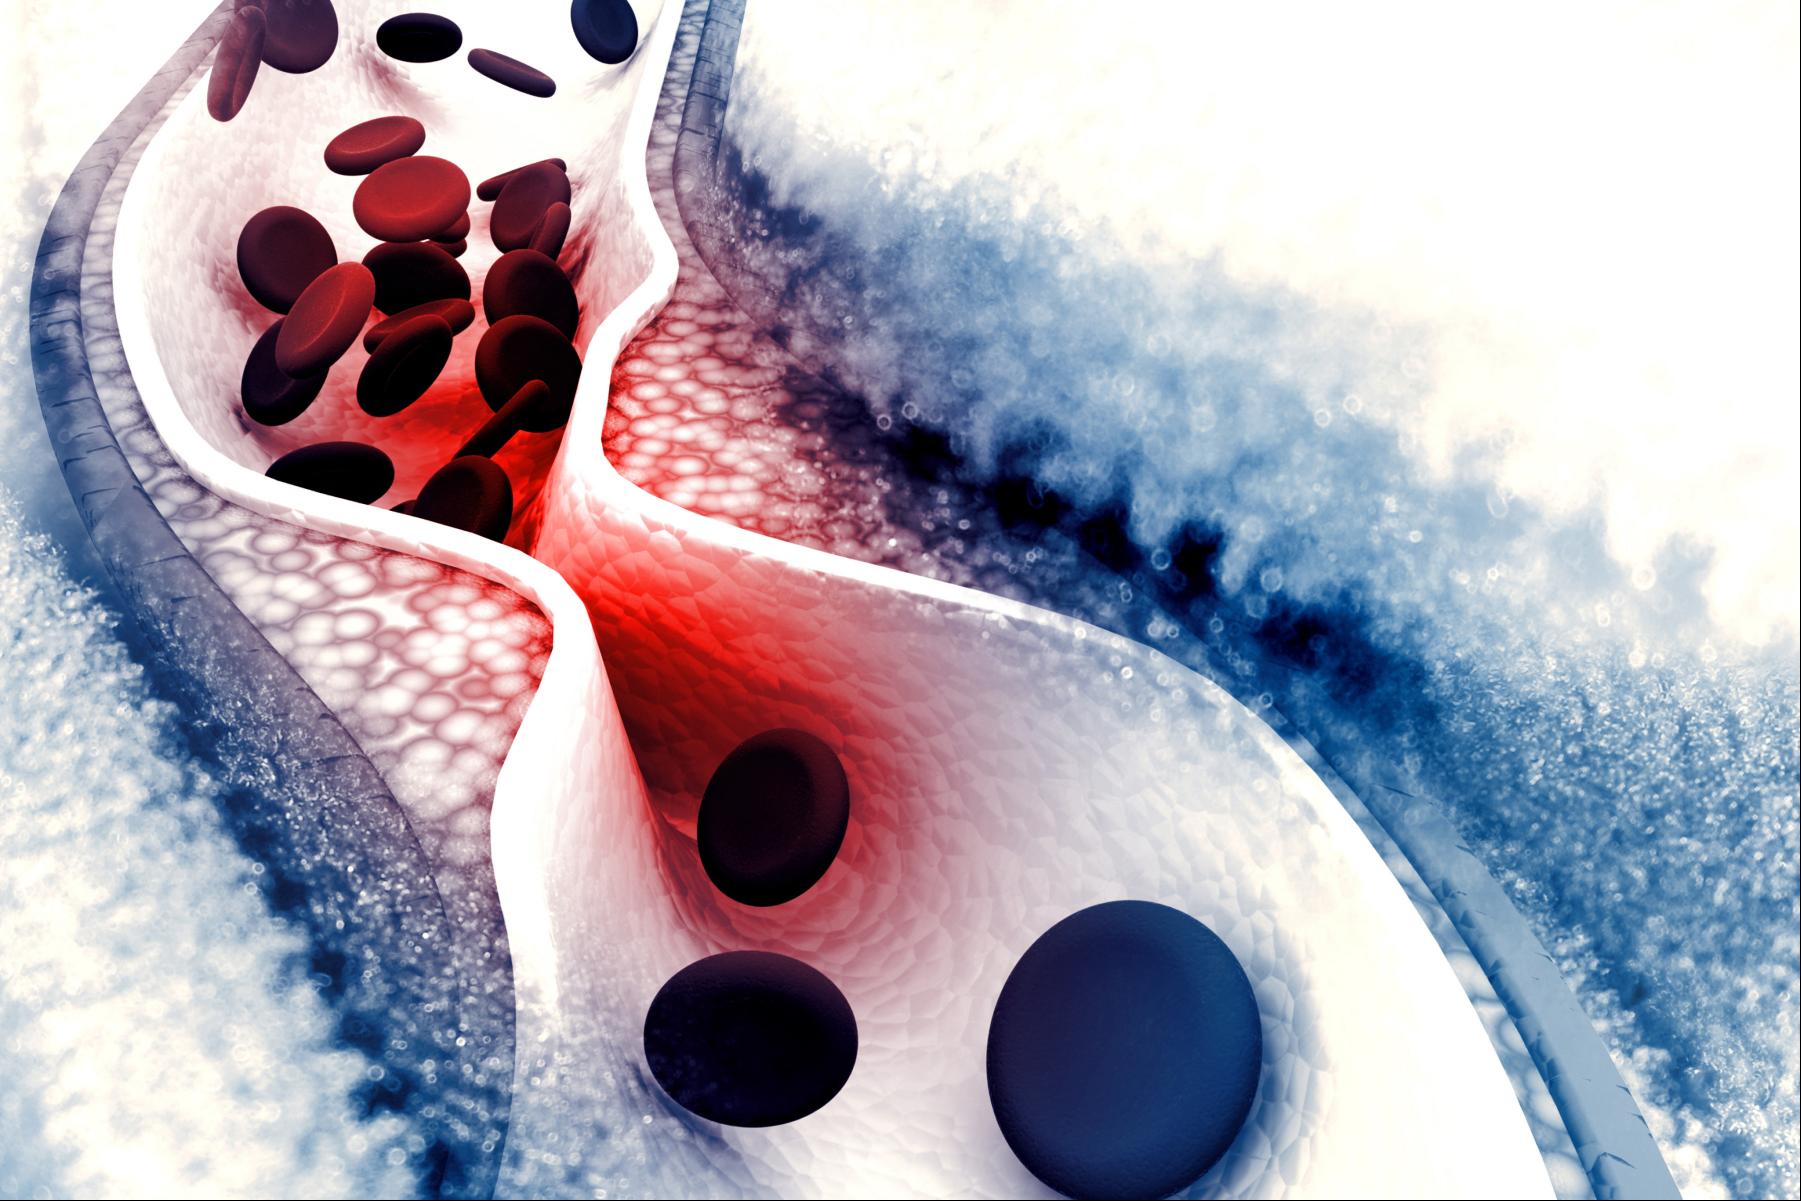 Colesterol y triglicéridos: ciencia, mitos y contexto nutricional. ¡Estima tu riesgo cardiovascular!